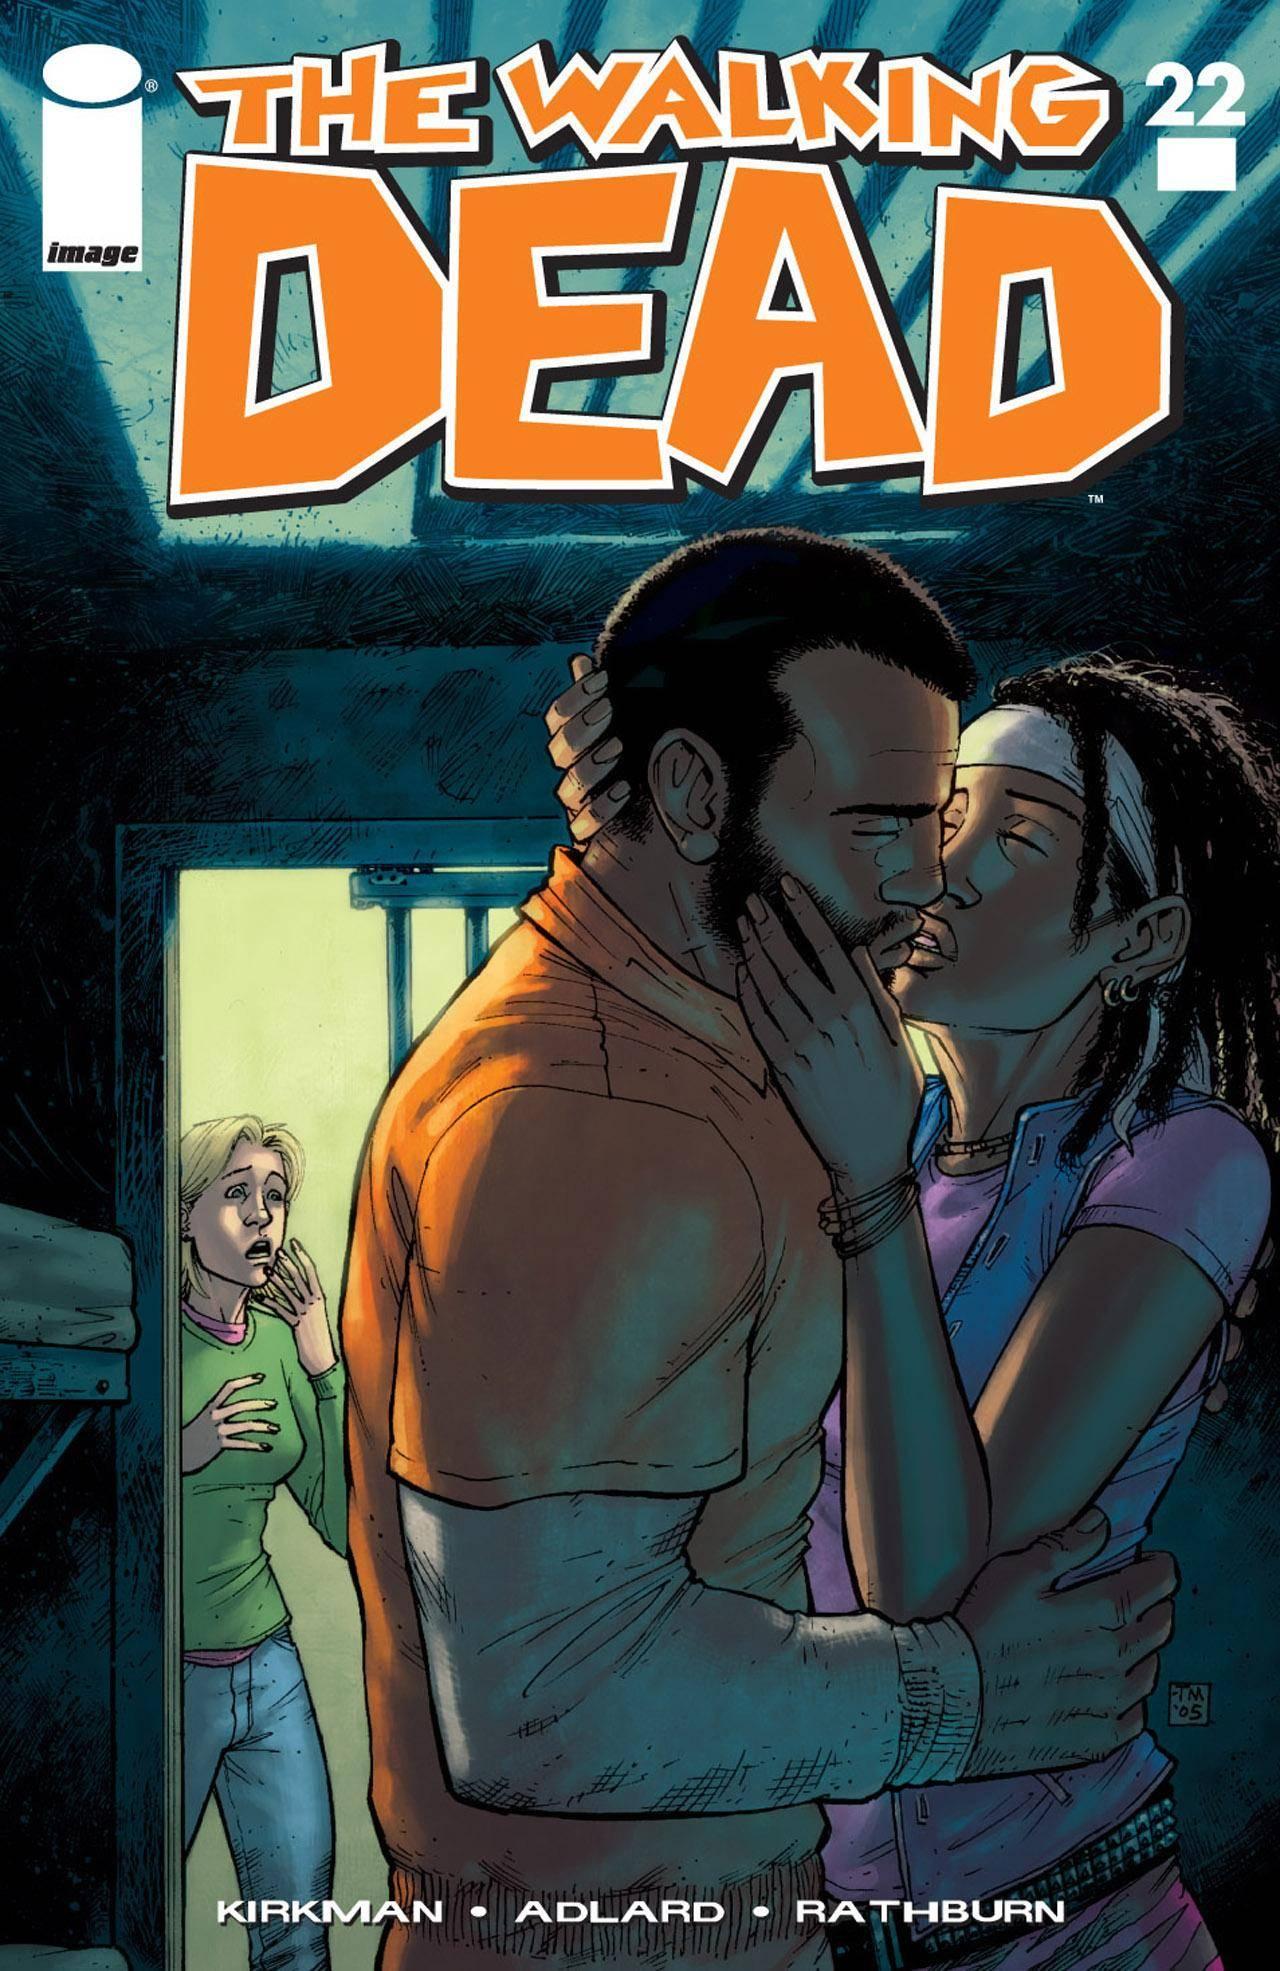 Walking Dead 022 2005 digital